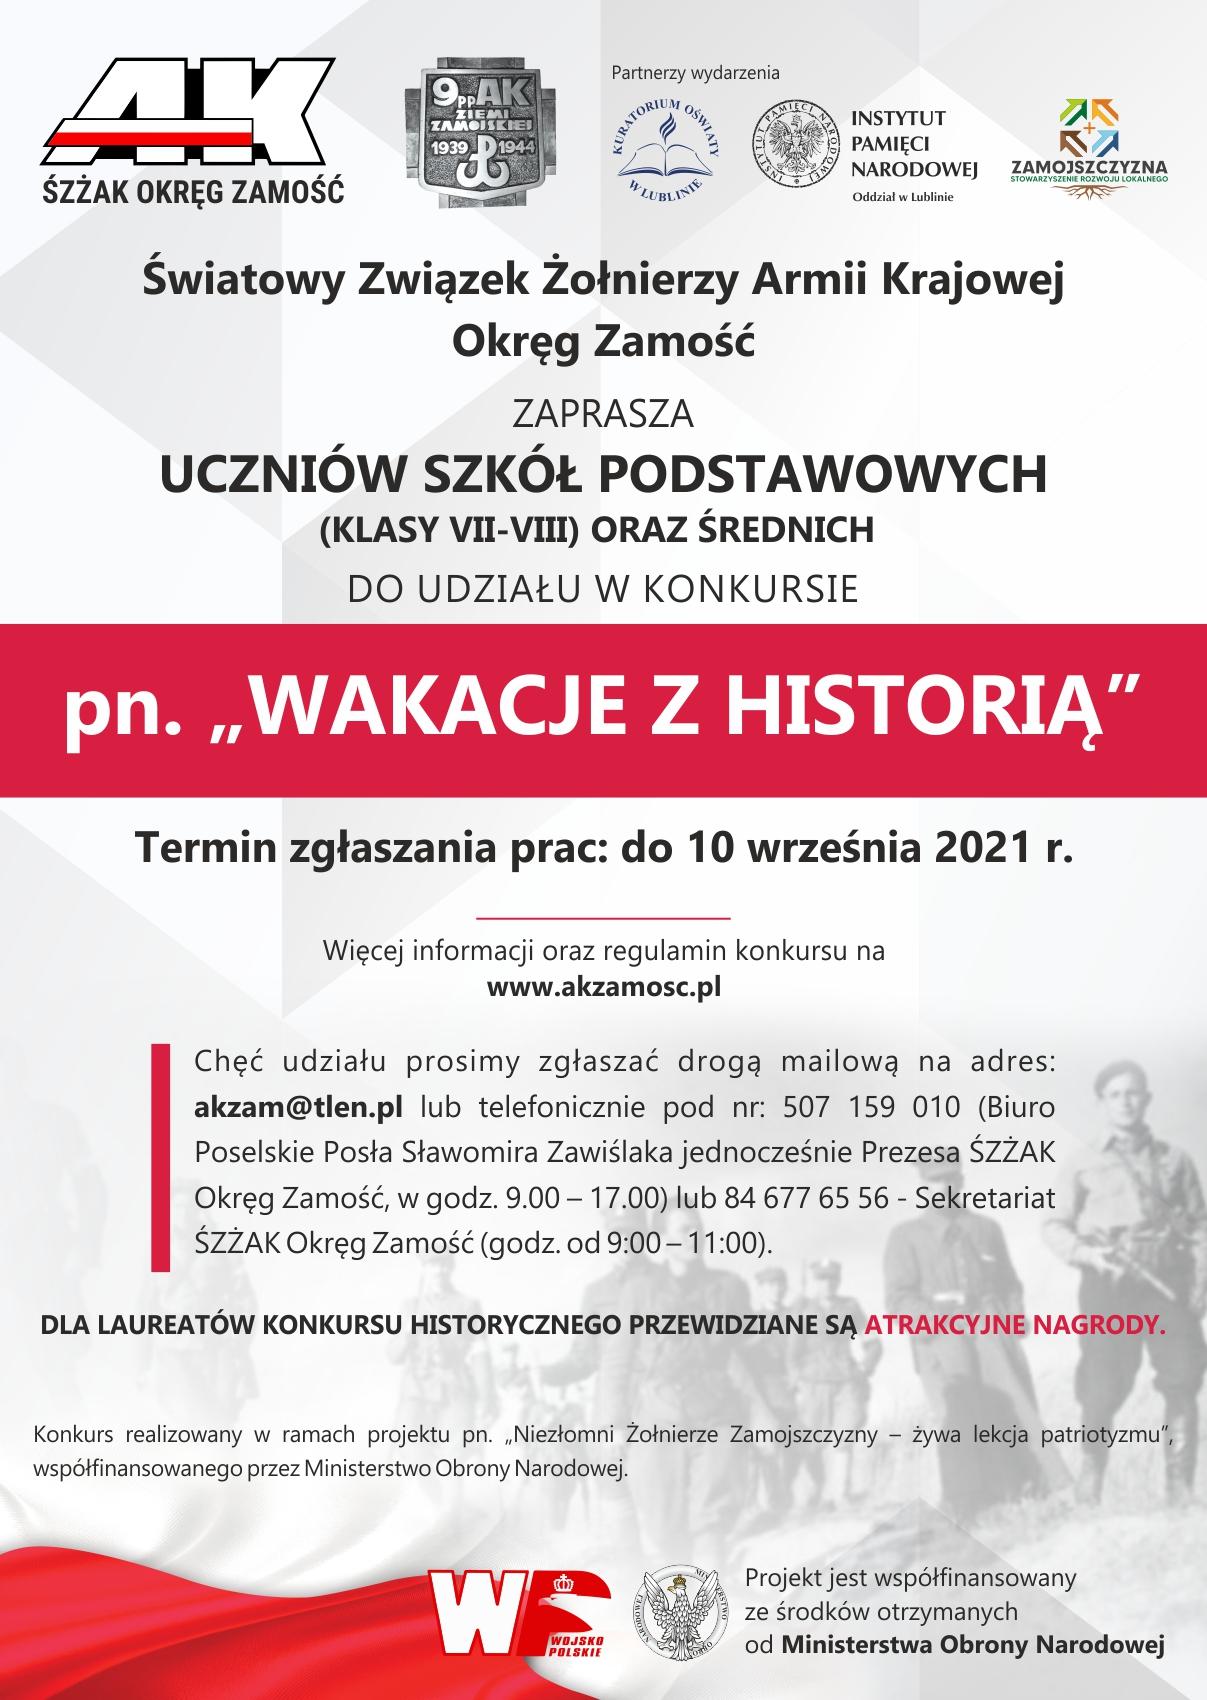 konkurs mon wakacje 2021 2 ŚZŻAK Okręg Zamość zaprasza dzieci i młodzież do udziału w konkursach historycznych